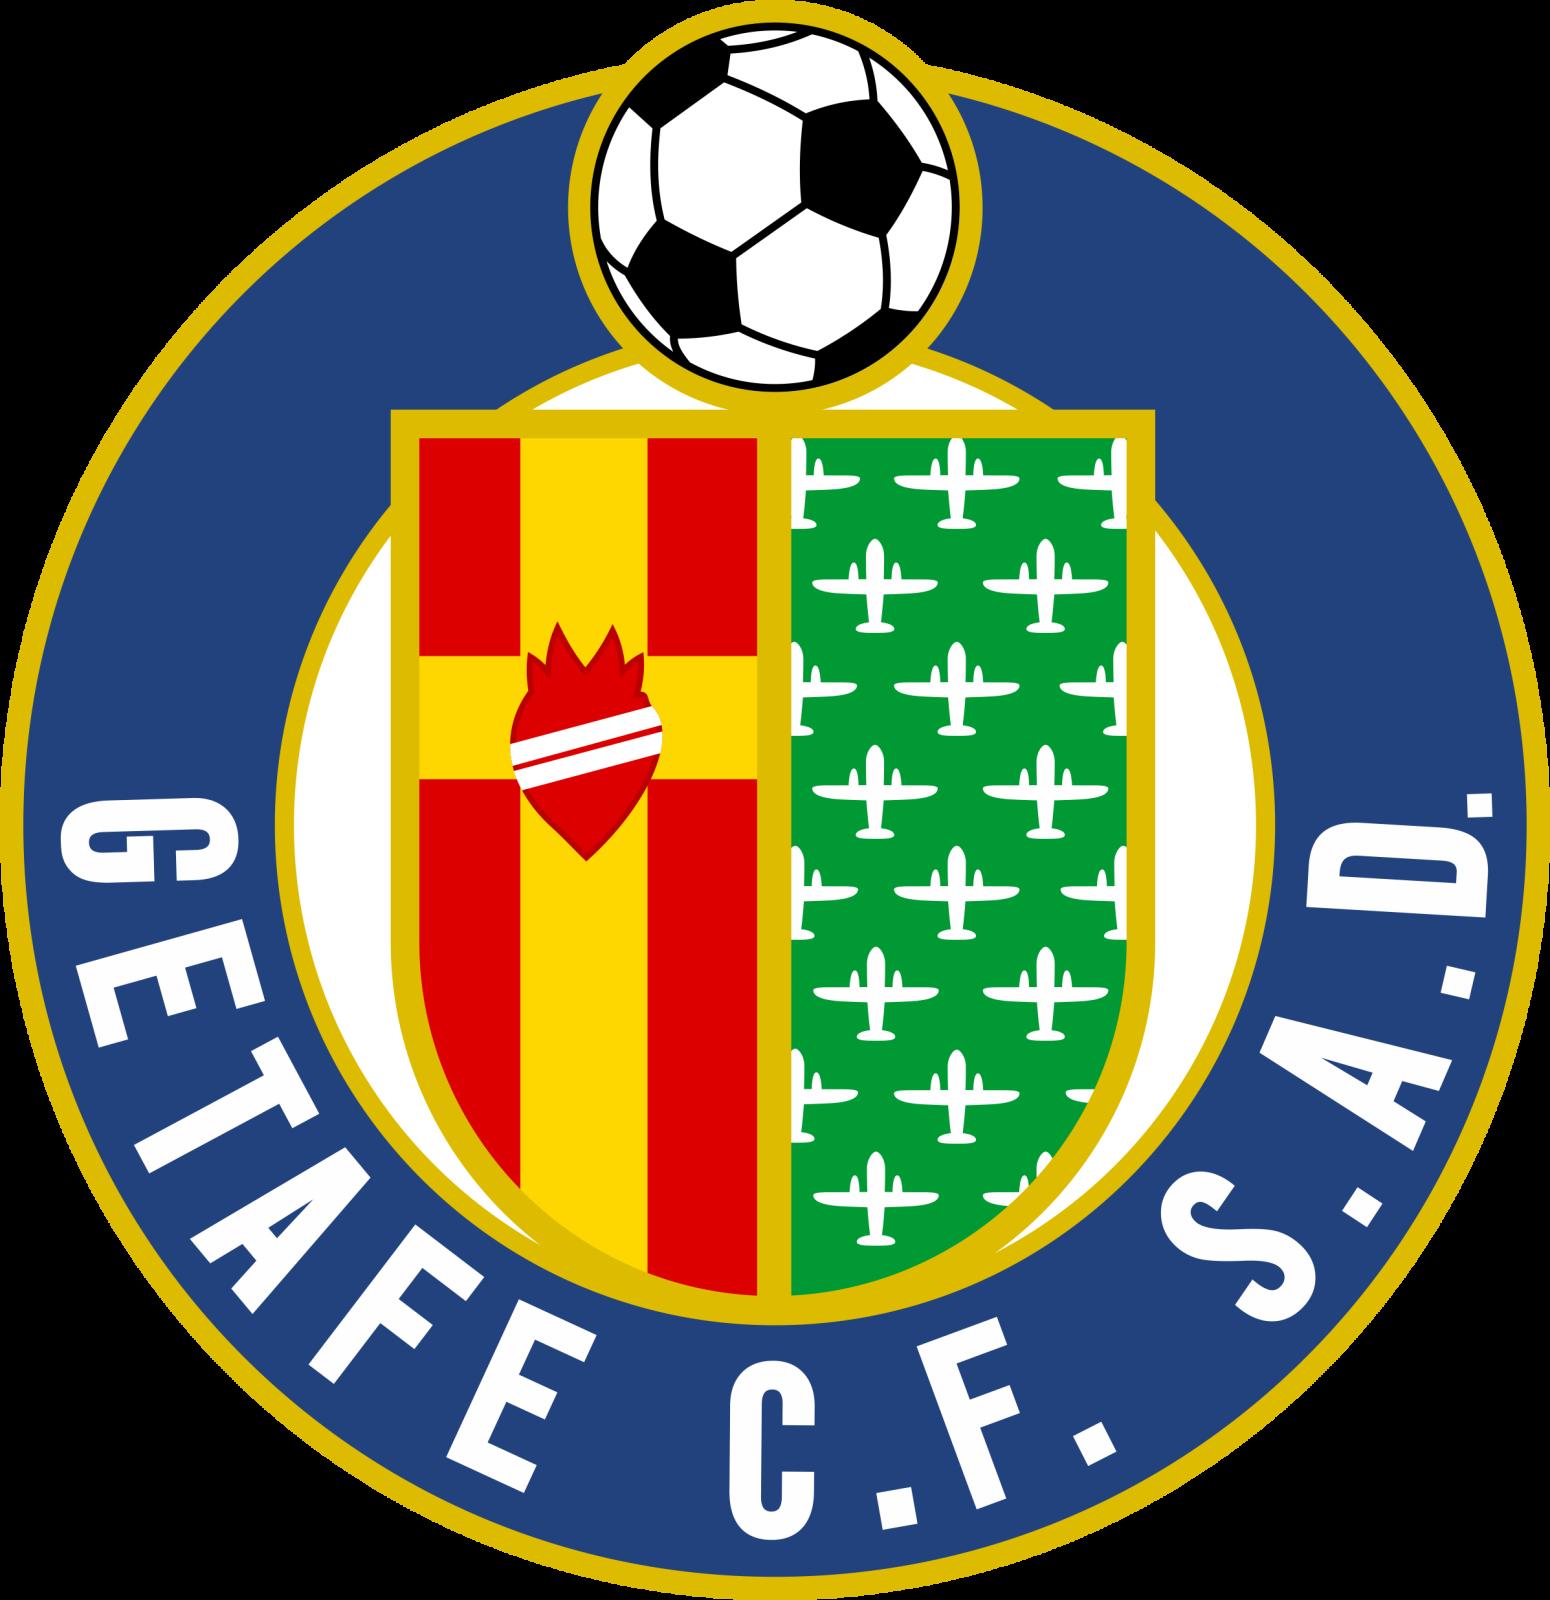 Coliseum Alfonso Pérez Equipo De Fútbol Equipos De Futbol Europeos Logos De Futbol